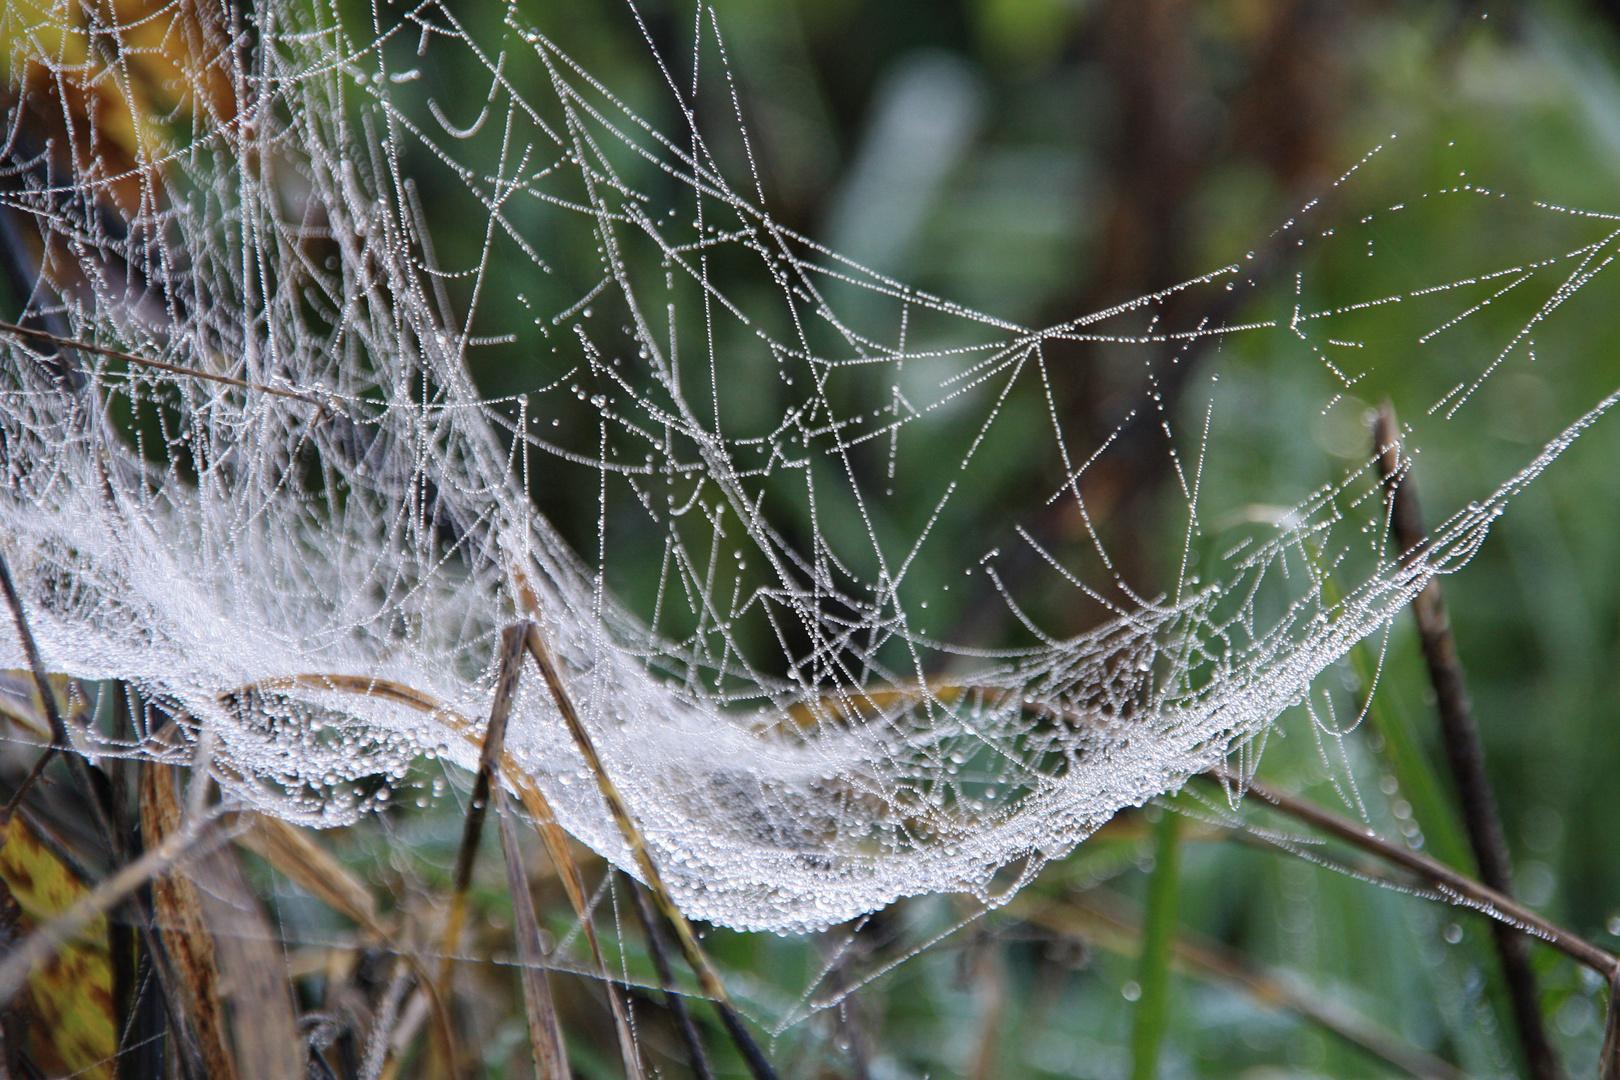 Spinnen-Architektur